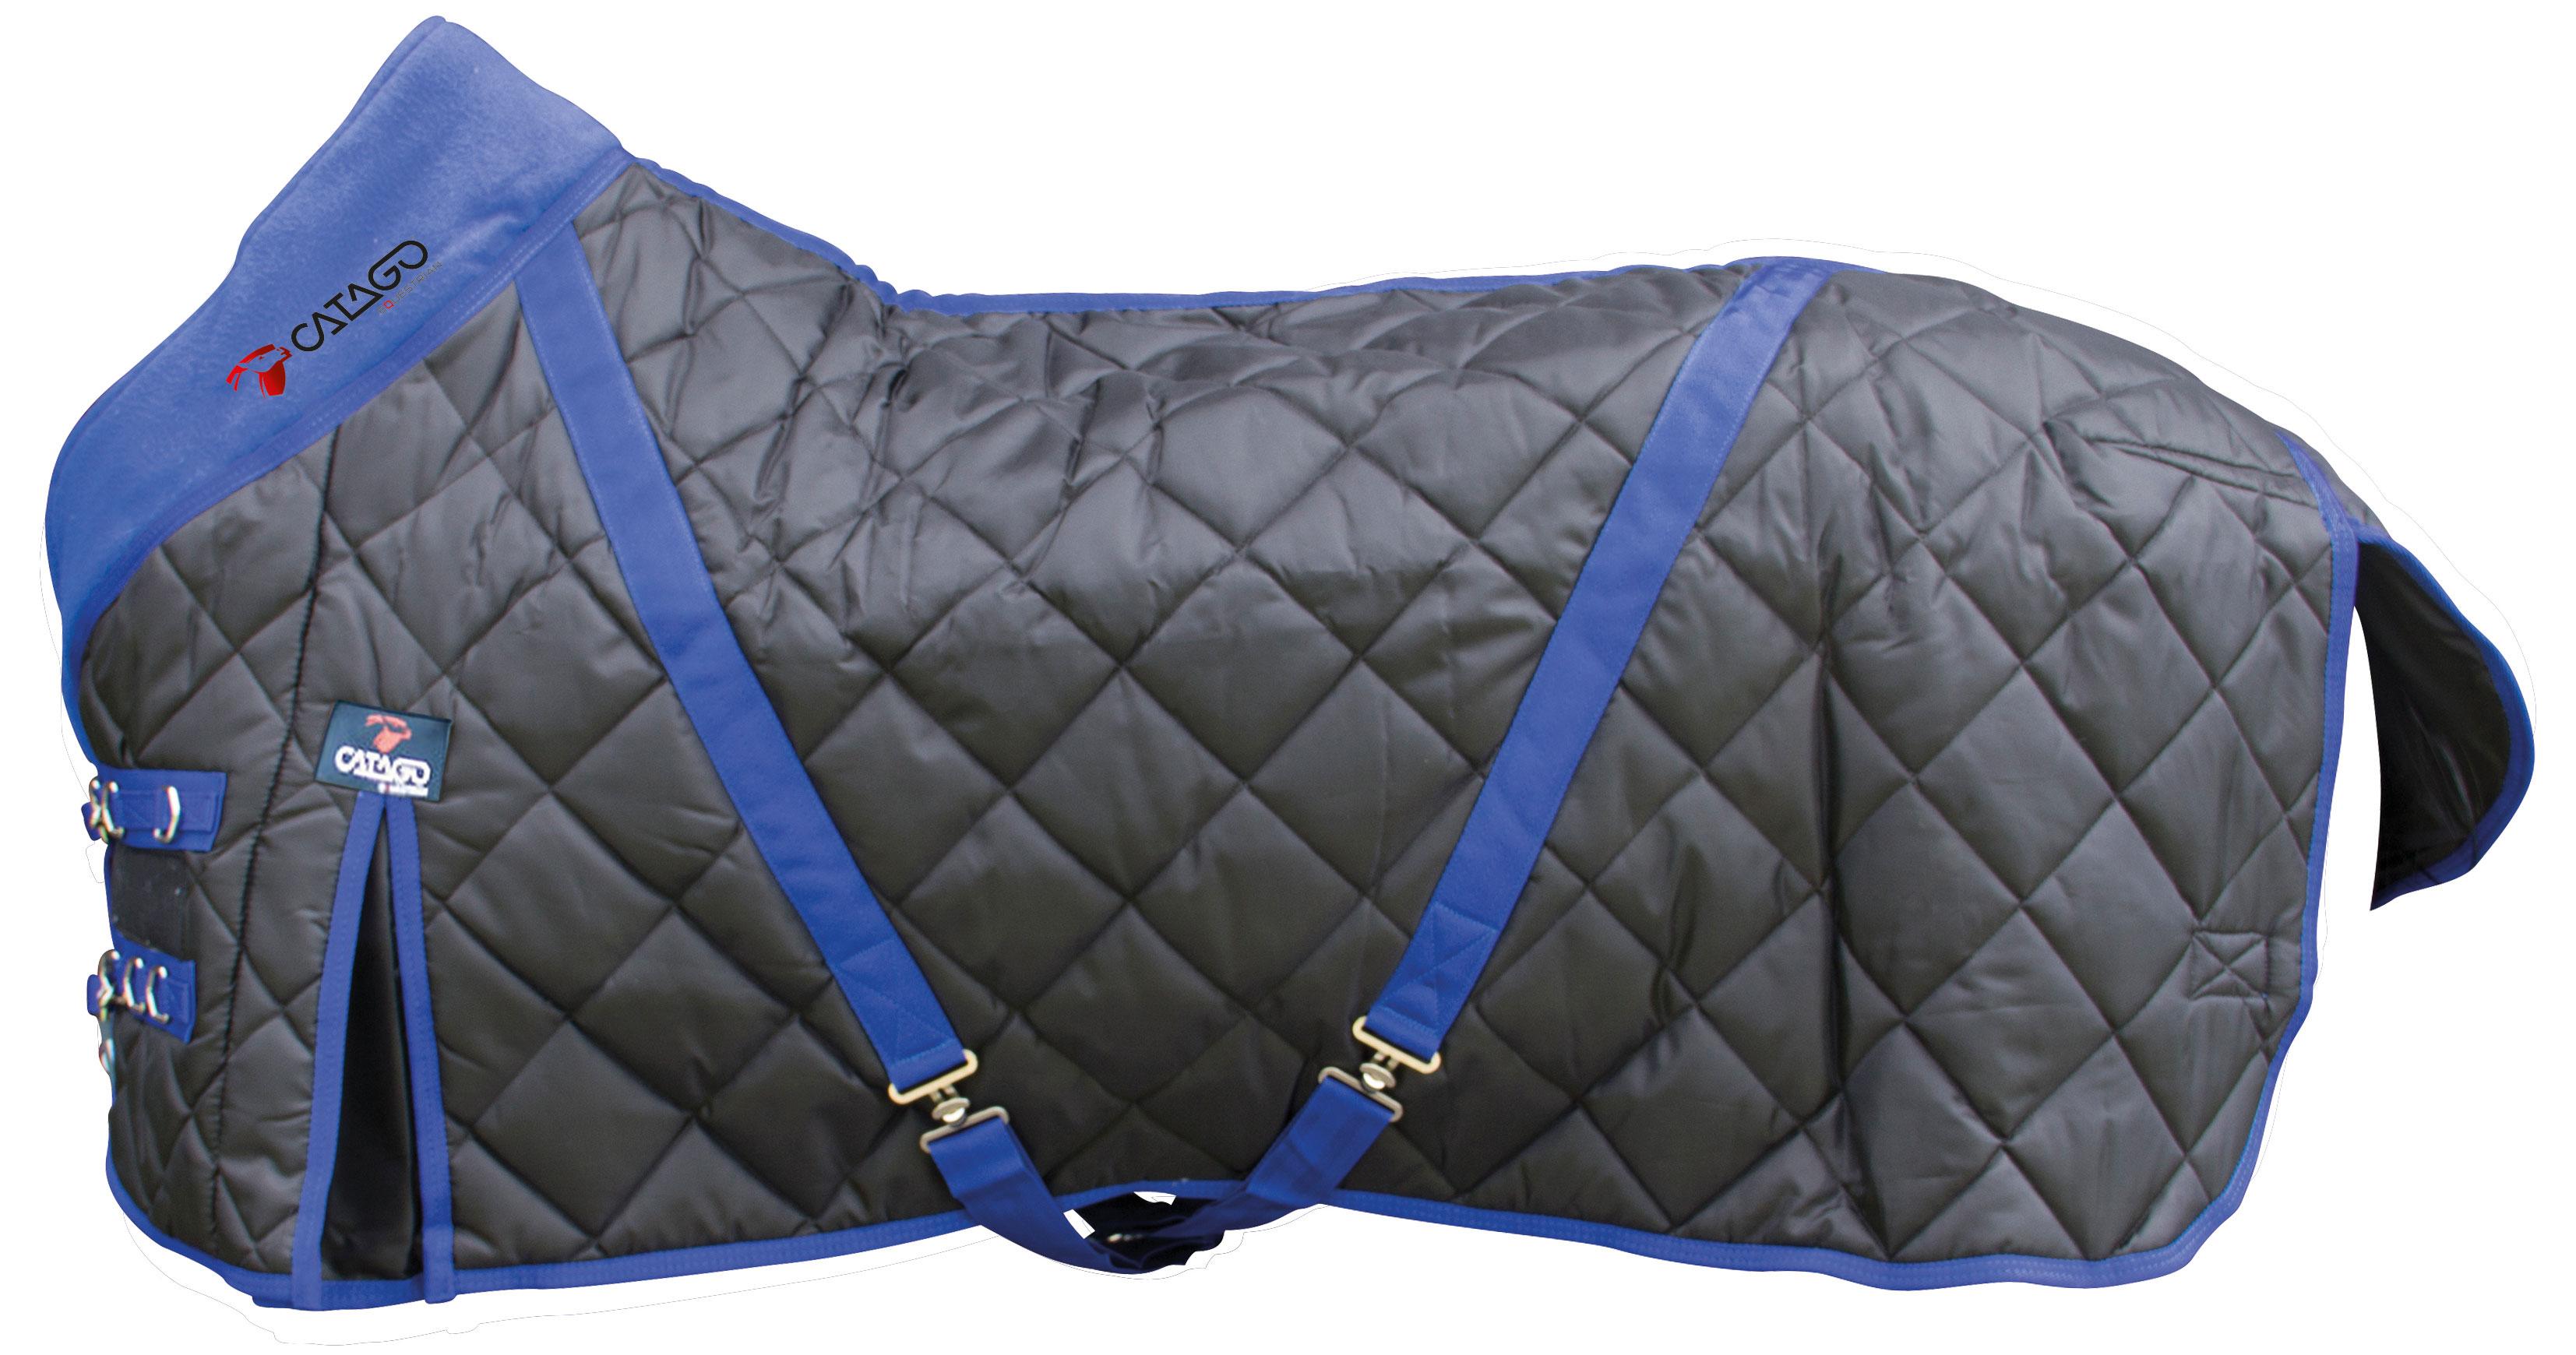 Afbeelding van Catago staldeken zwart/blauw 300g